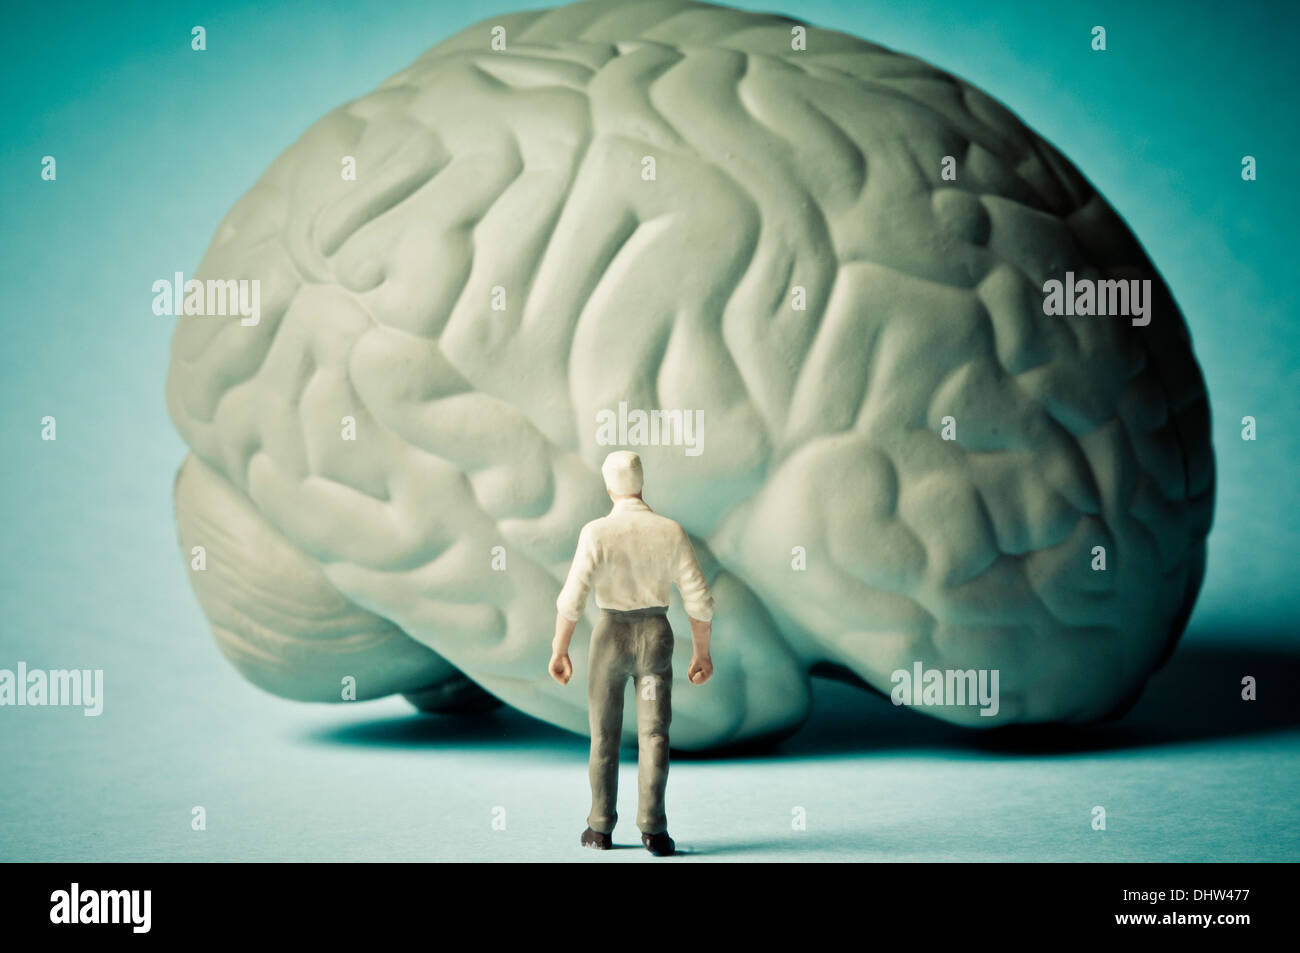 La enfermedad de Alzheimer y la mente el concepto de envejecimiento Imagen De Stock